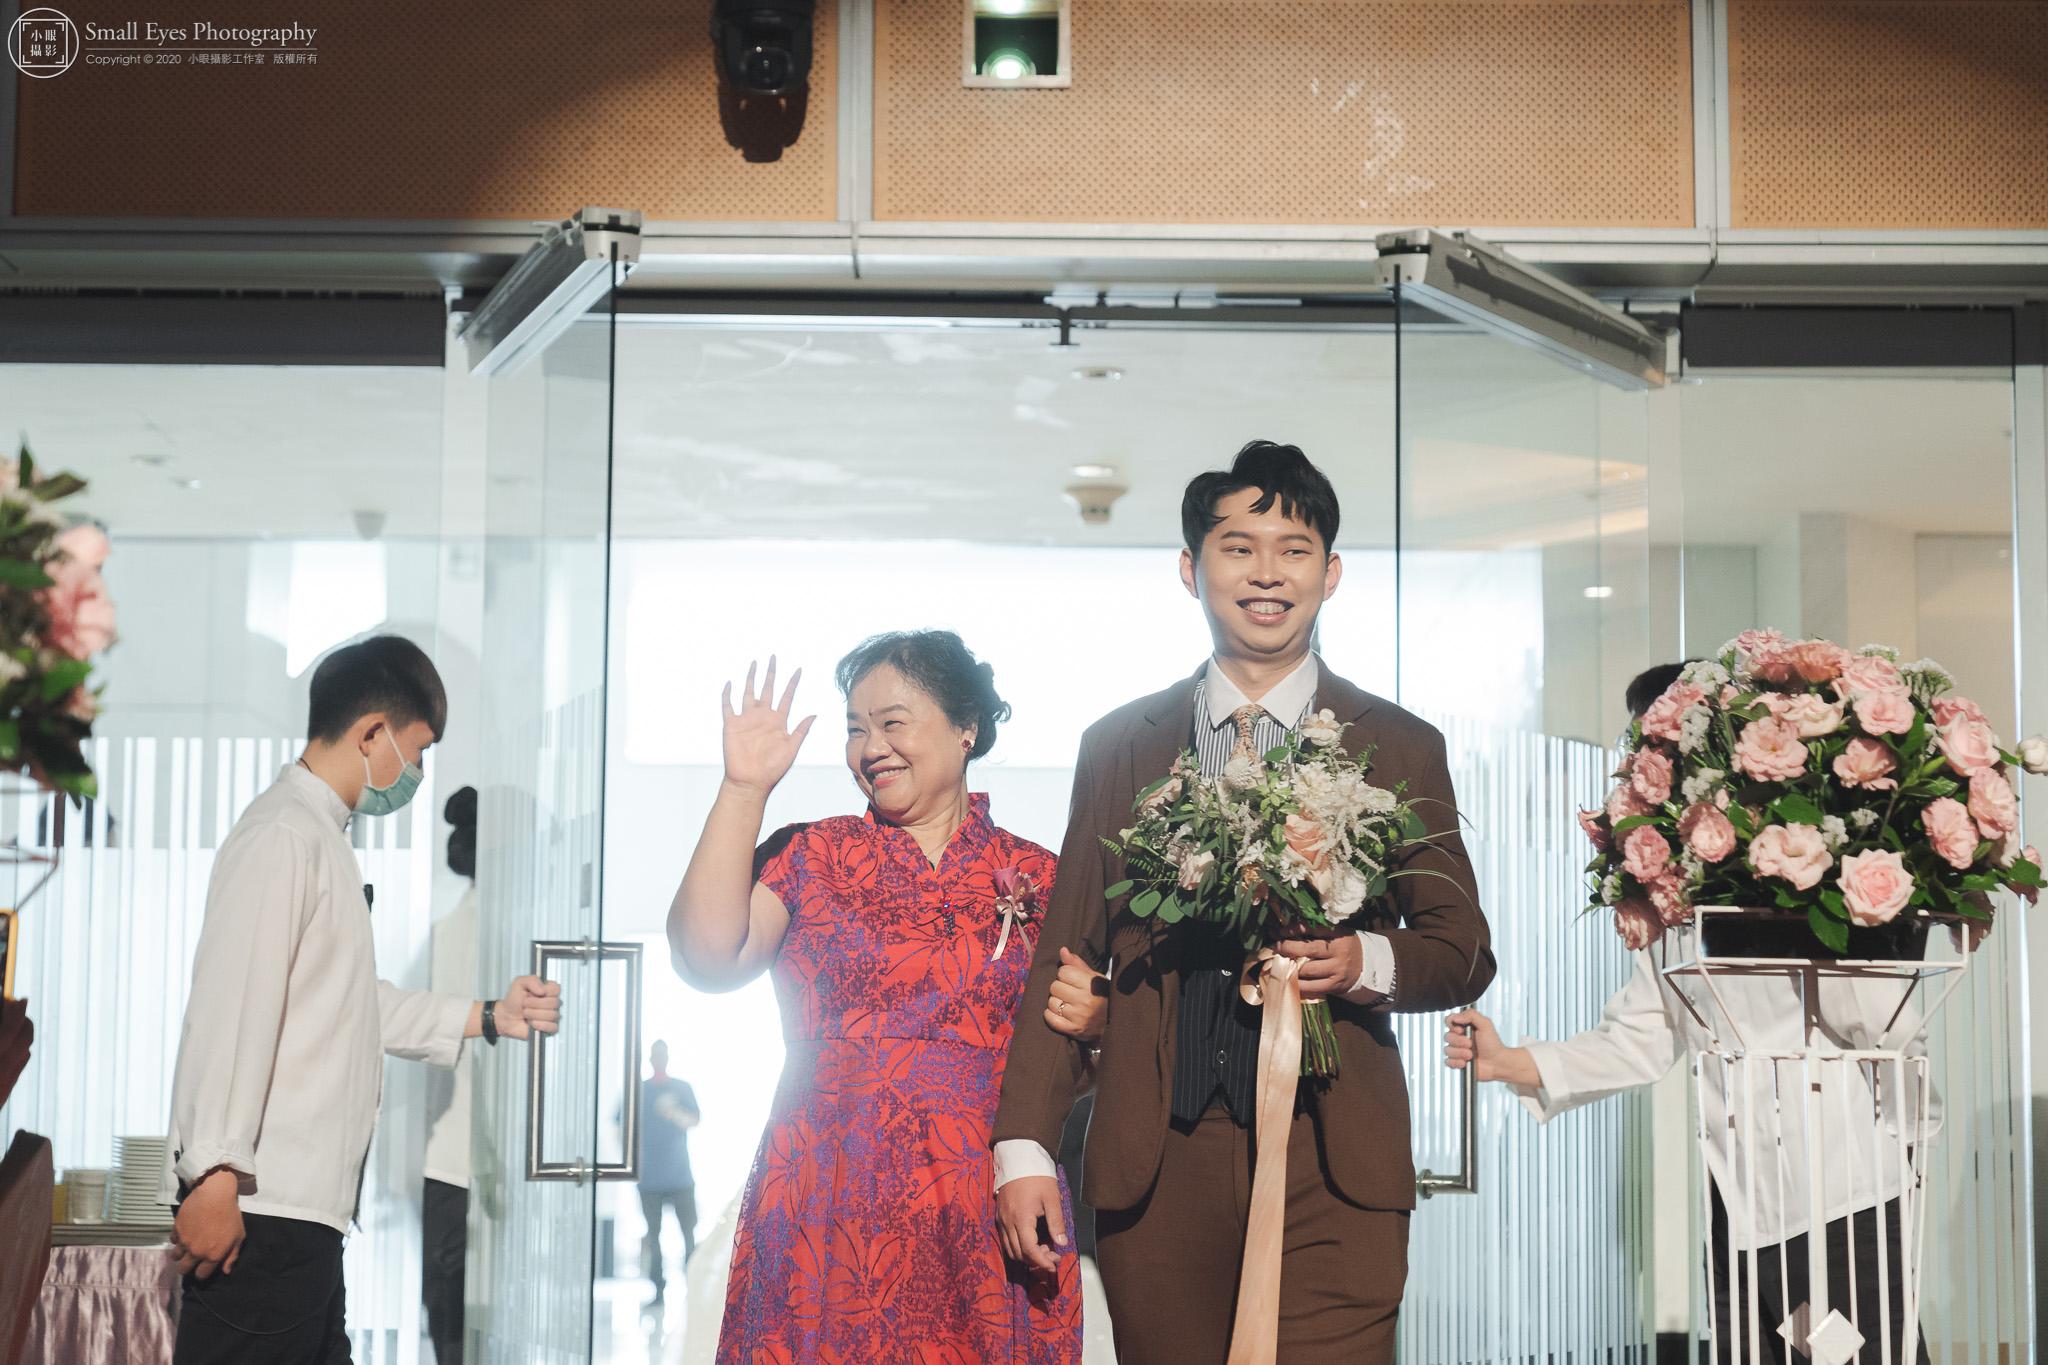 小眼攝影,傅祐承,婚禮攝影,婚攝,婚禮紀實,婚禮紀錄,台中,裕元花園,酒店,進場,新郎,母親